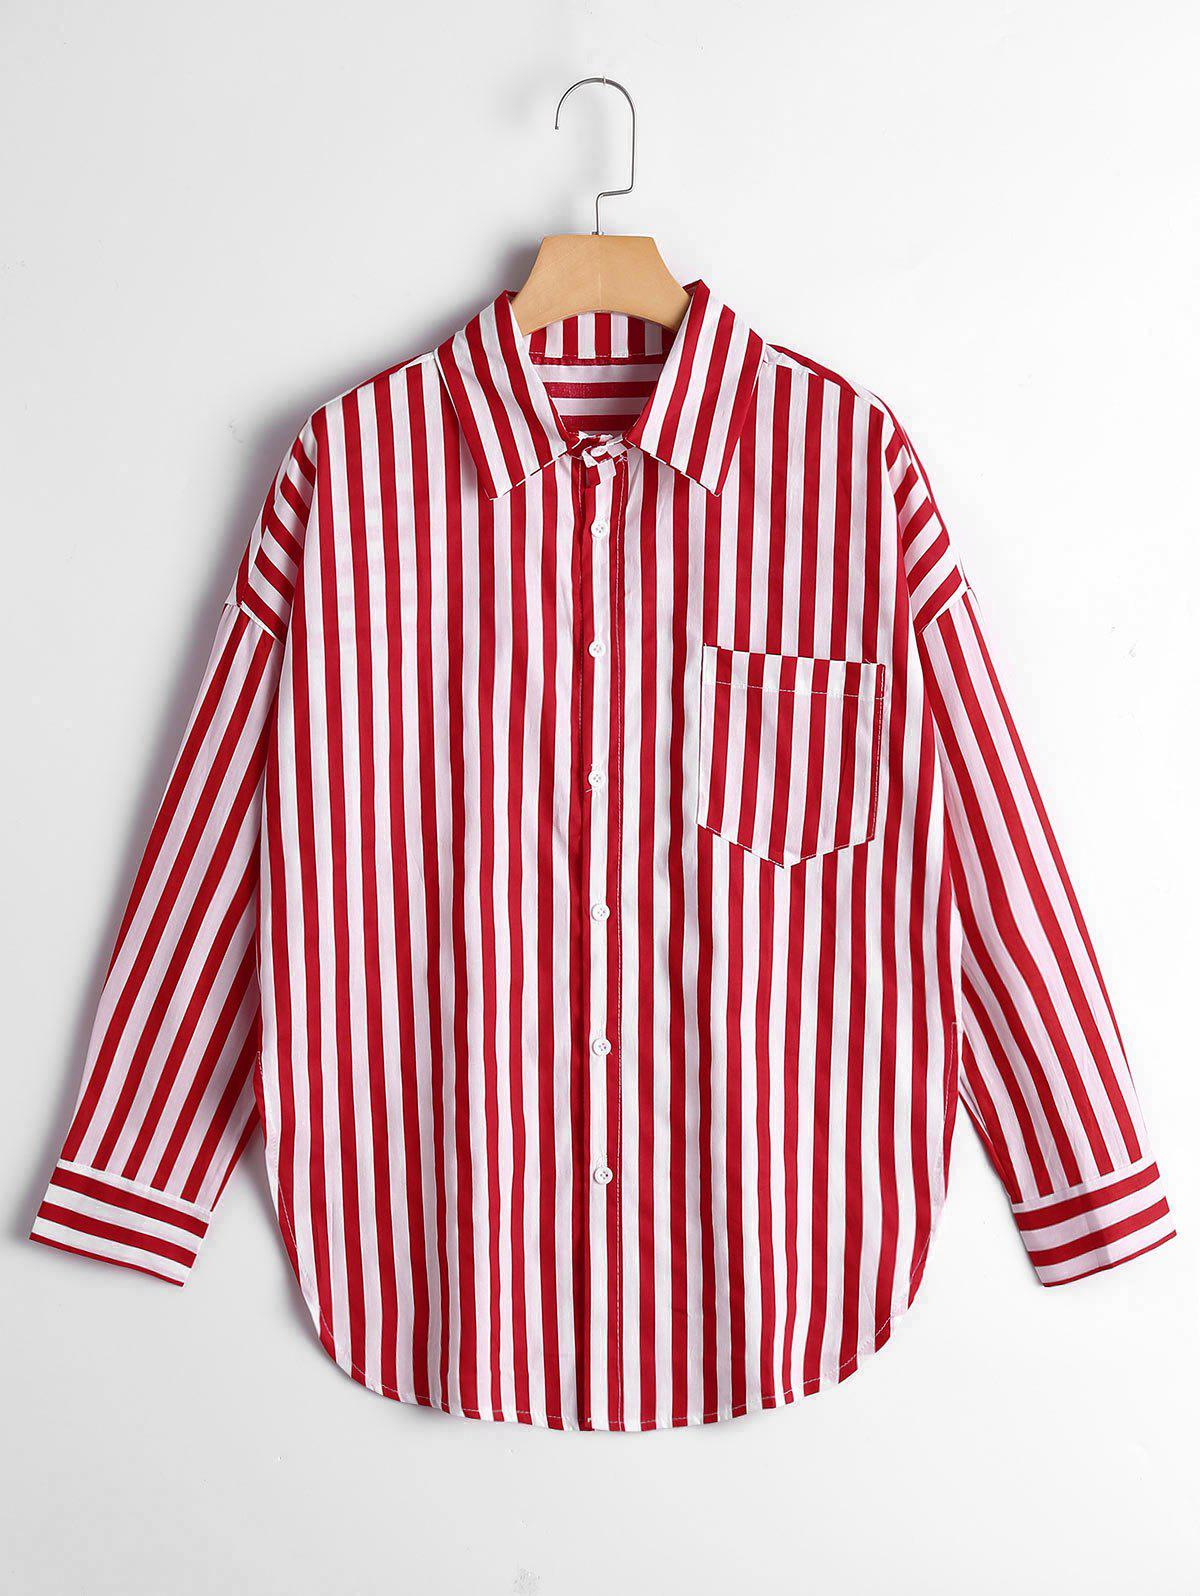 Gestreifte Bluse mit Drop-Schulter ,Taschen und Knpfe